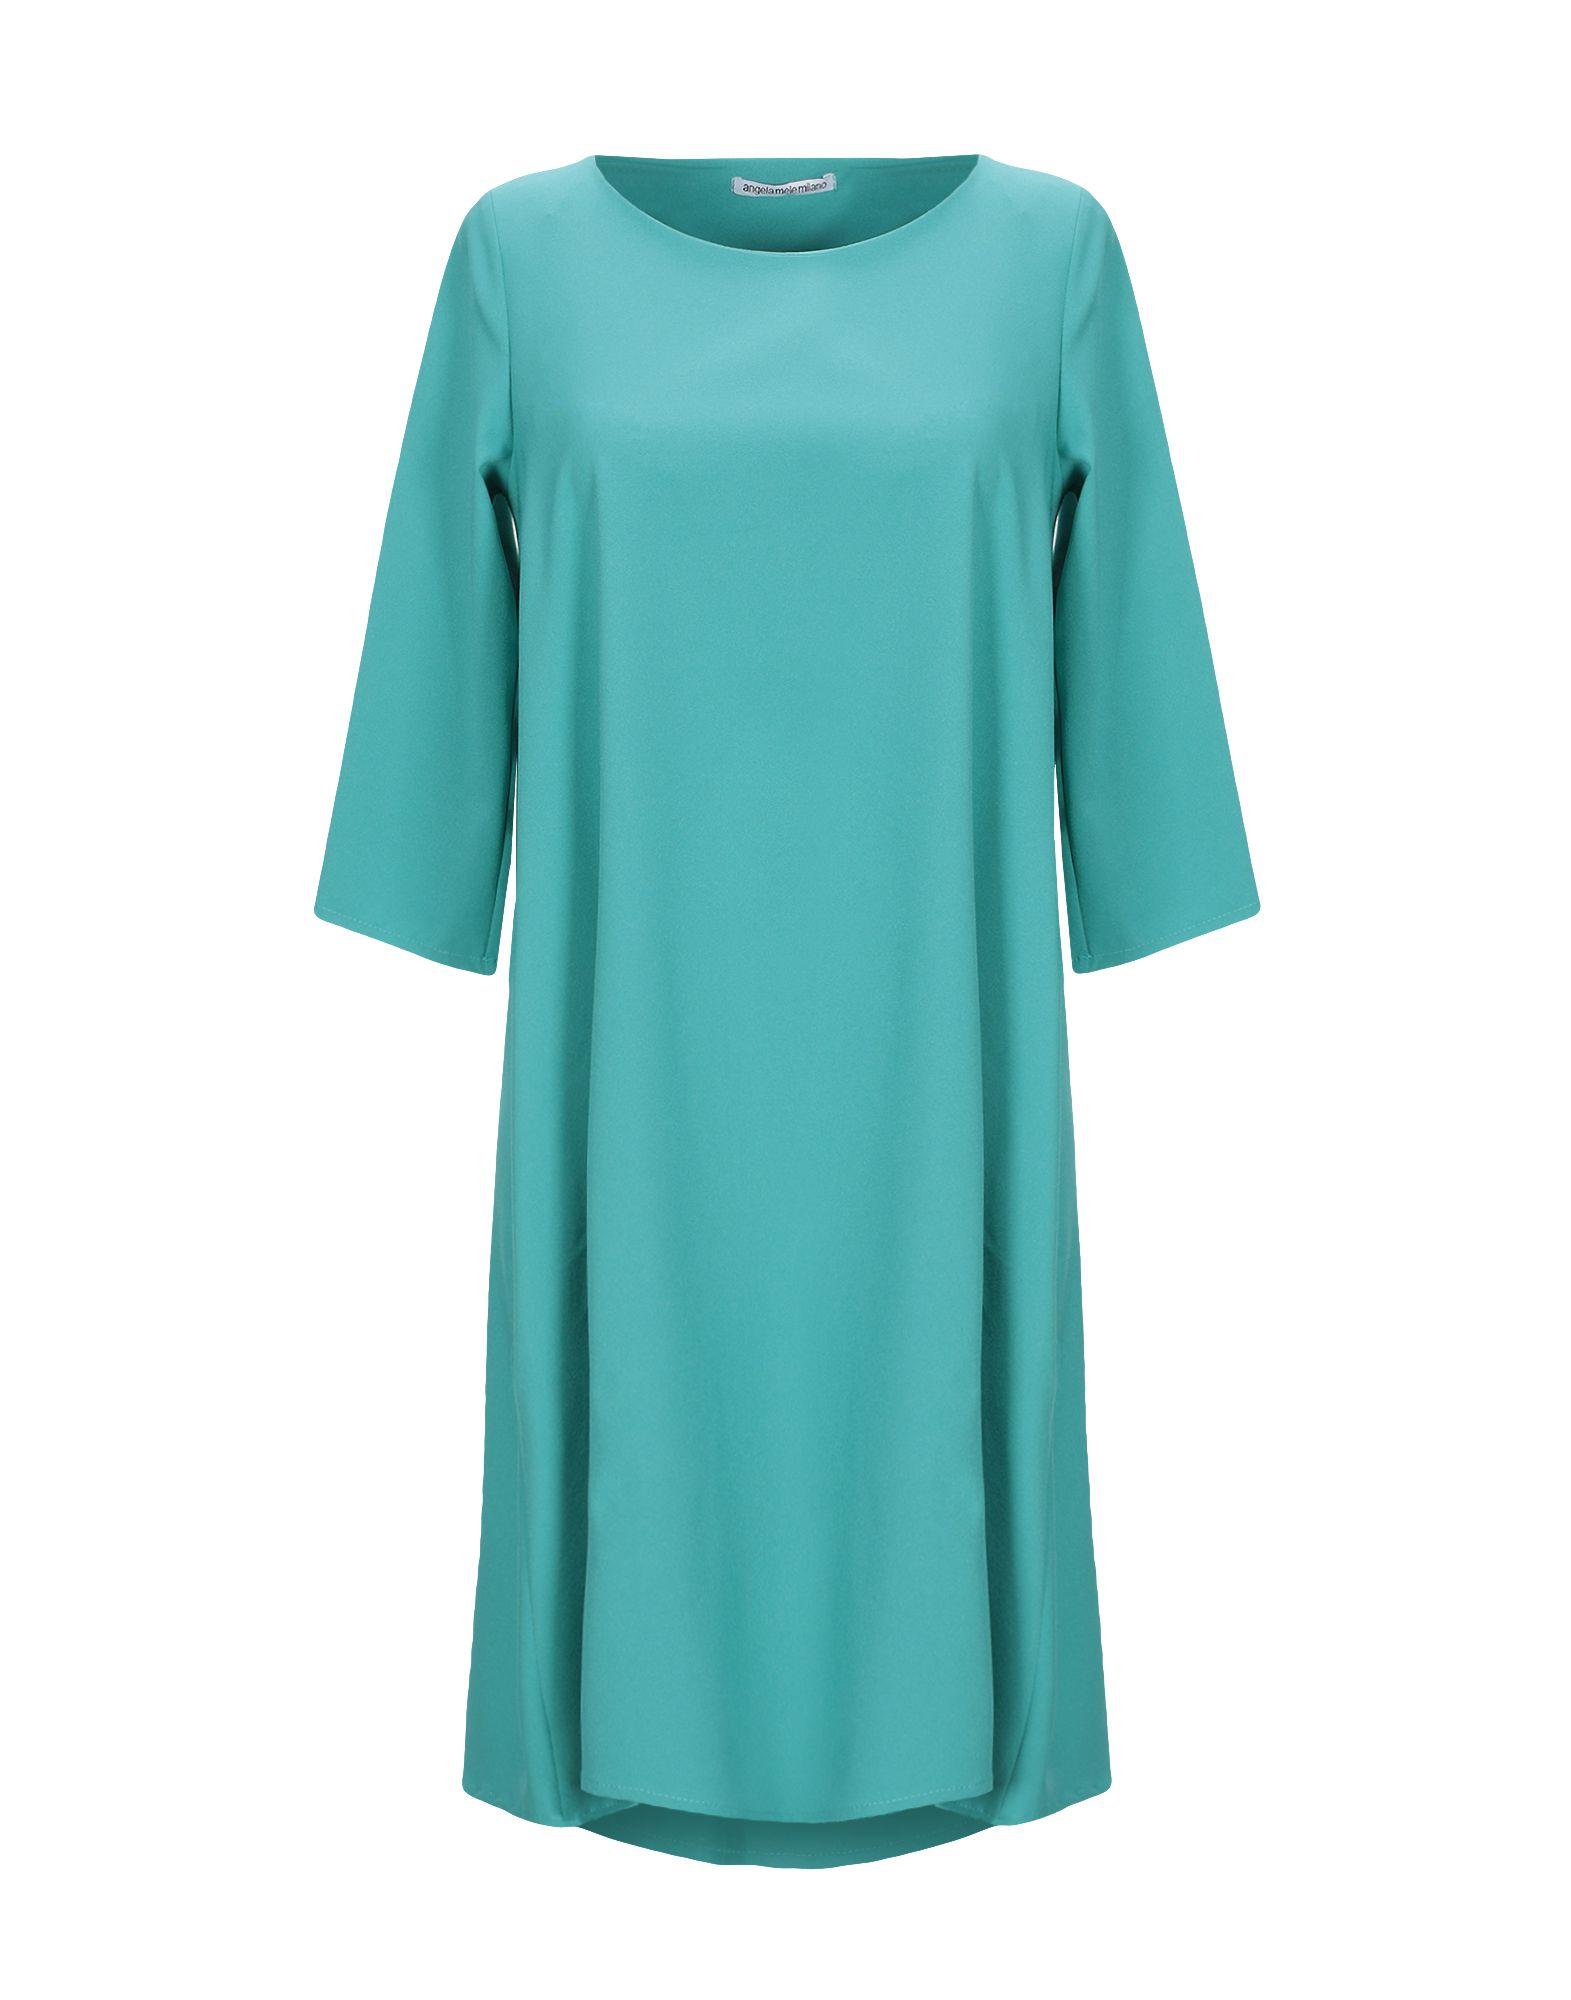 ANGELA MELE MILANO Короткое платье angela davis короткое платье